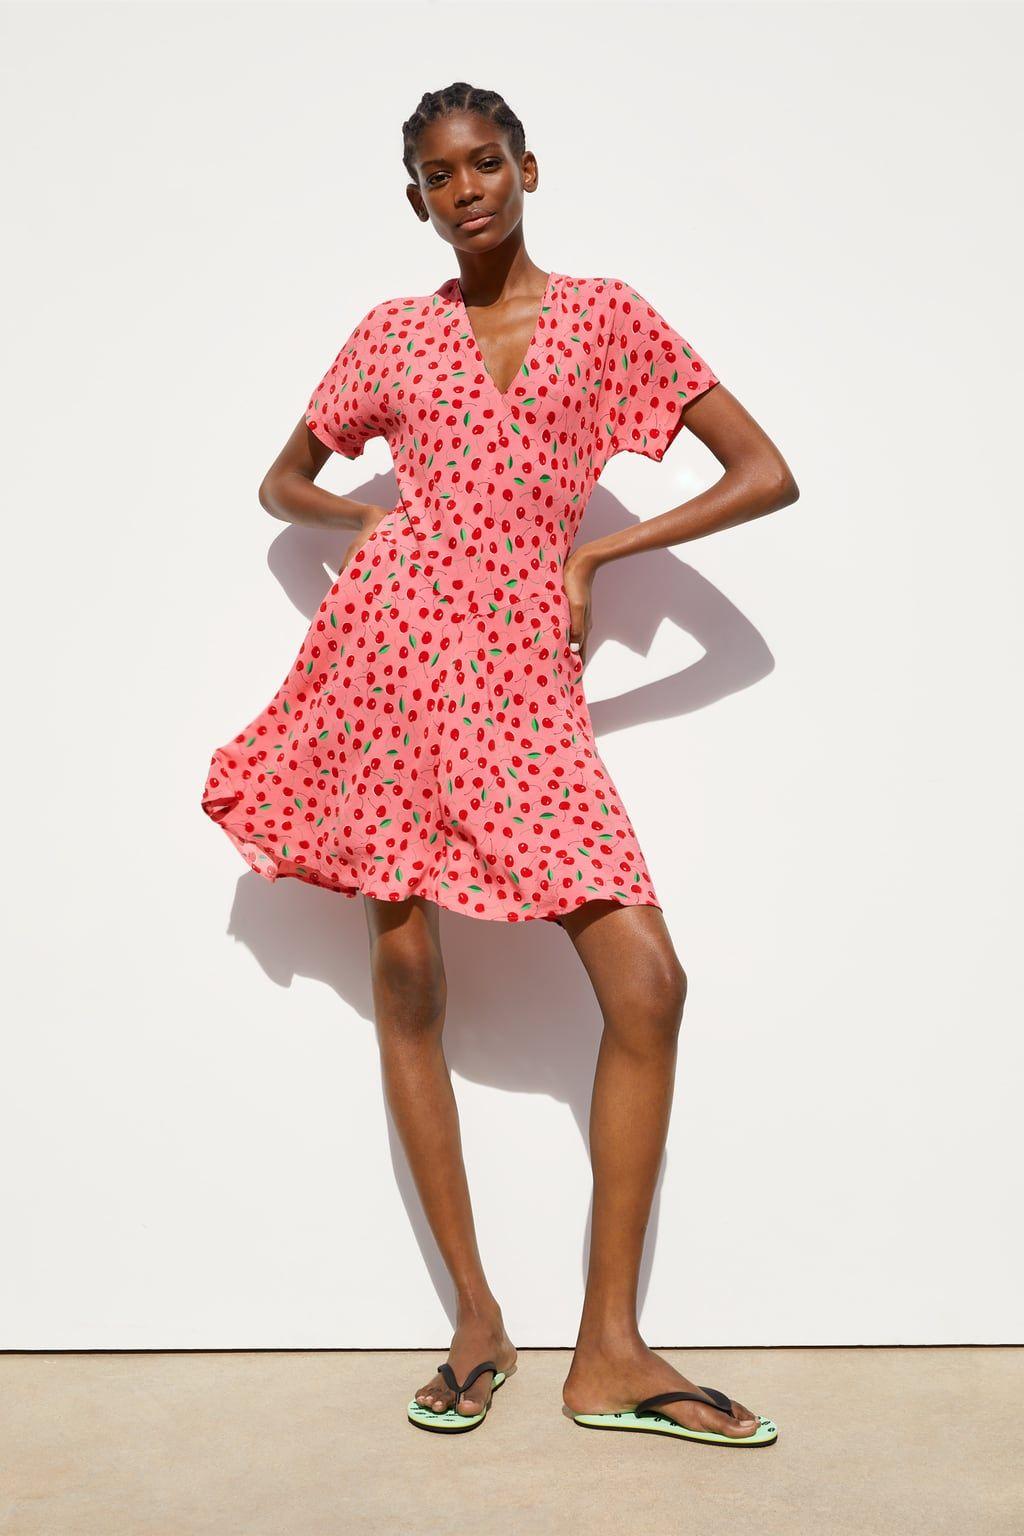 estilo exquisito mejor selección de precio al por mayor Vestido estampado cerezas | Moda in 2019 | Dresses, Short ...